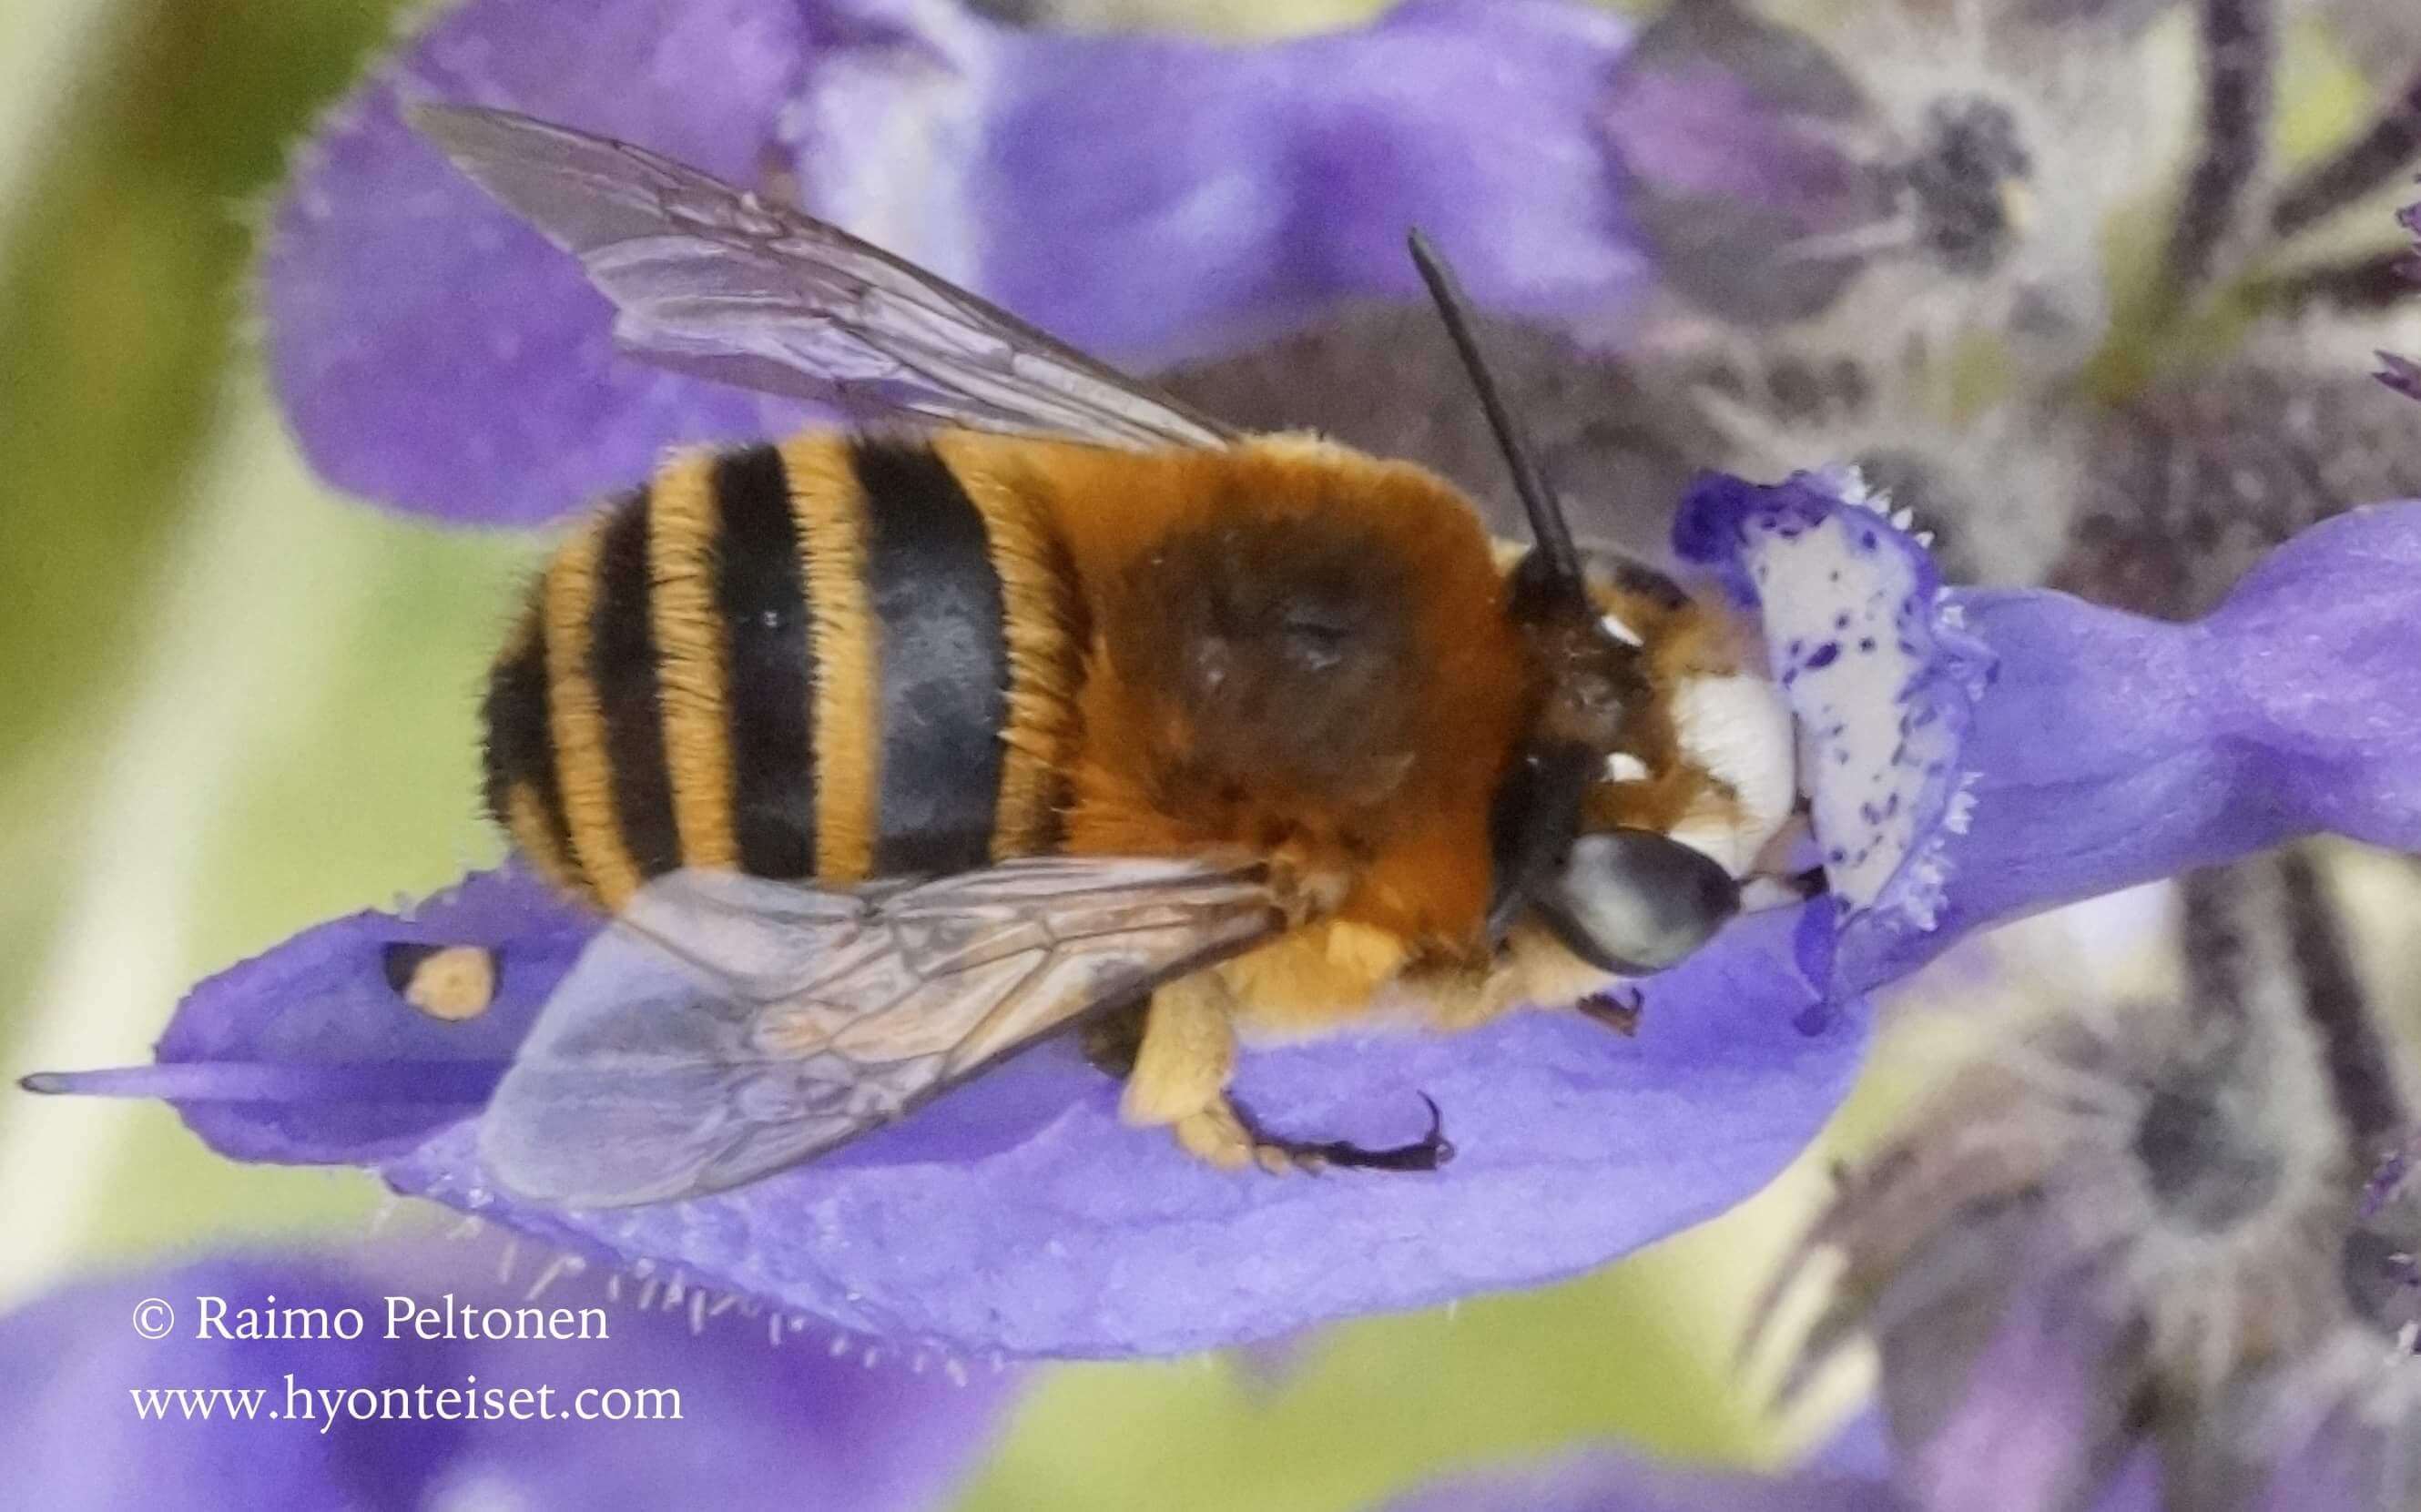 Amegilla maderae (Apidae) (det. Marc Török), 16.4.2016 MADEIRA